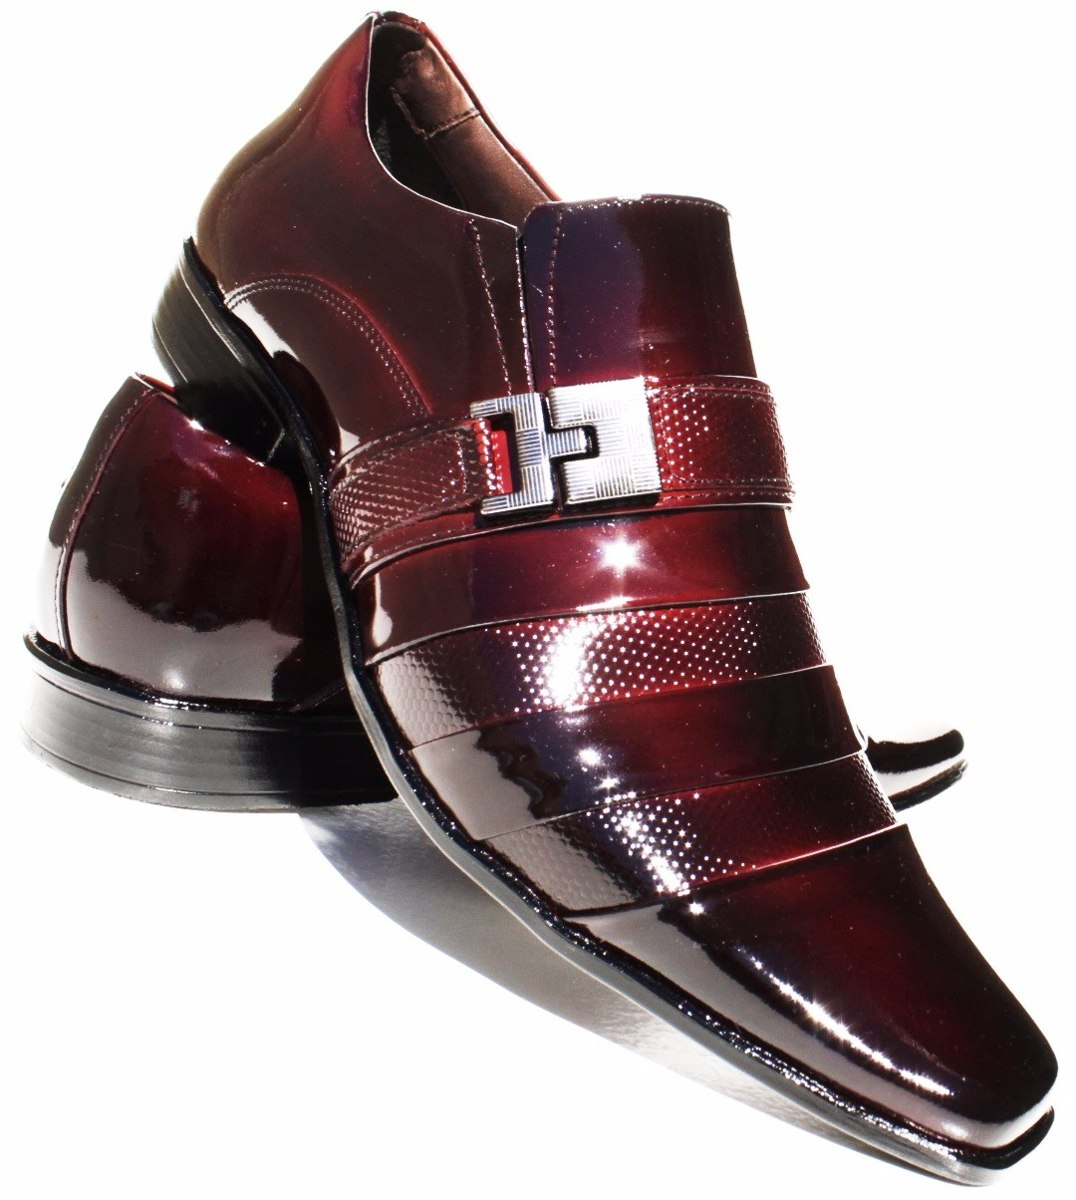 aee6ac3cb sapato masculino bota botina calçados de couro sapatofranca. Carregando  zoom.